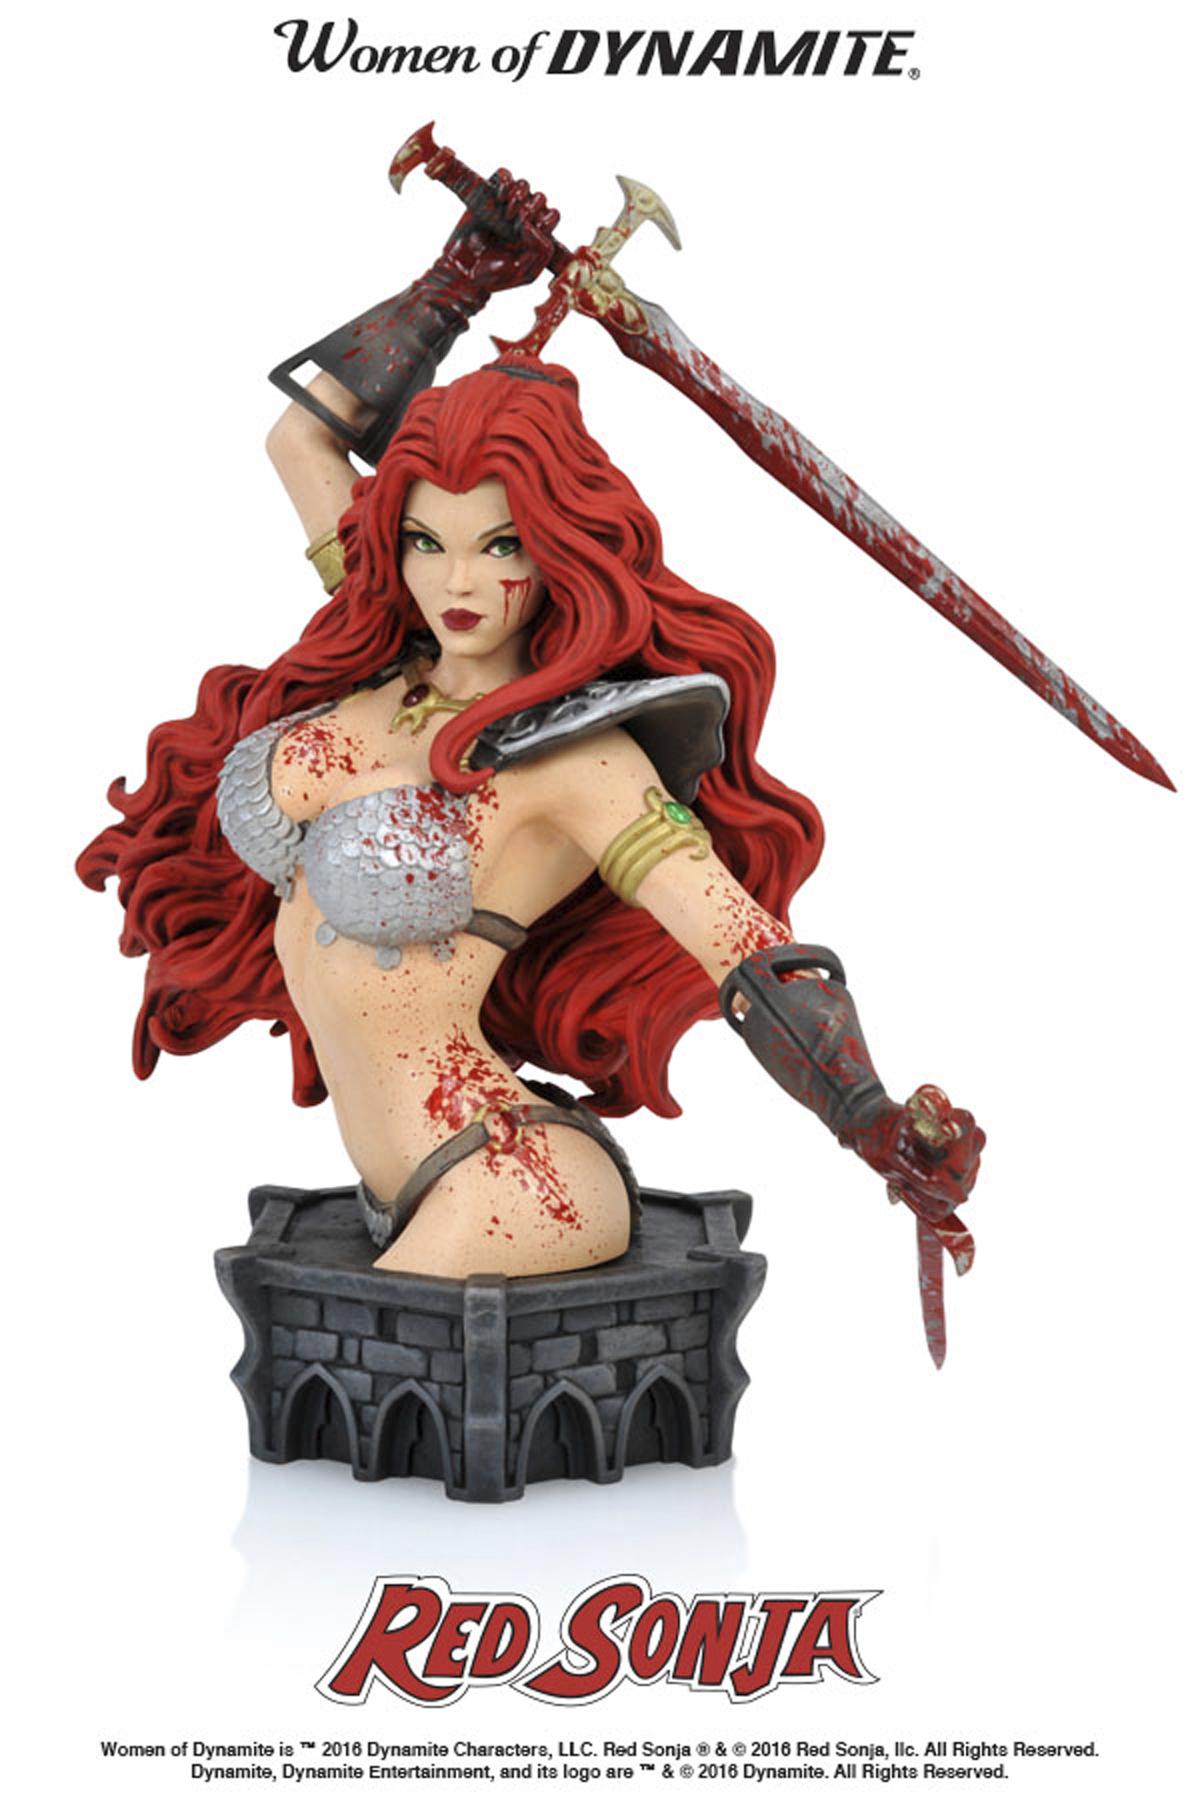 Red Sonja Blood-Splattered Bust